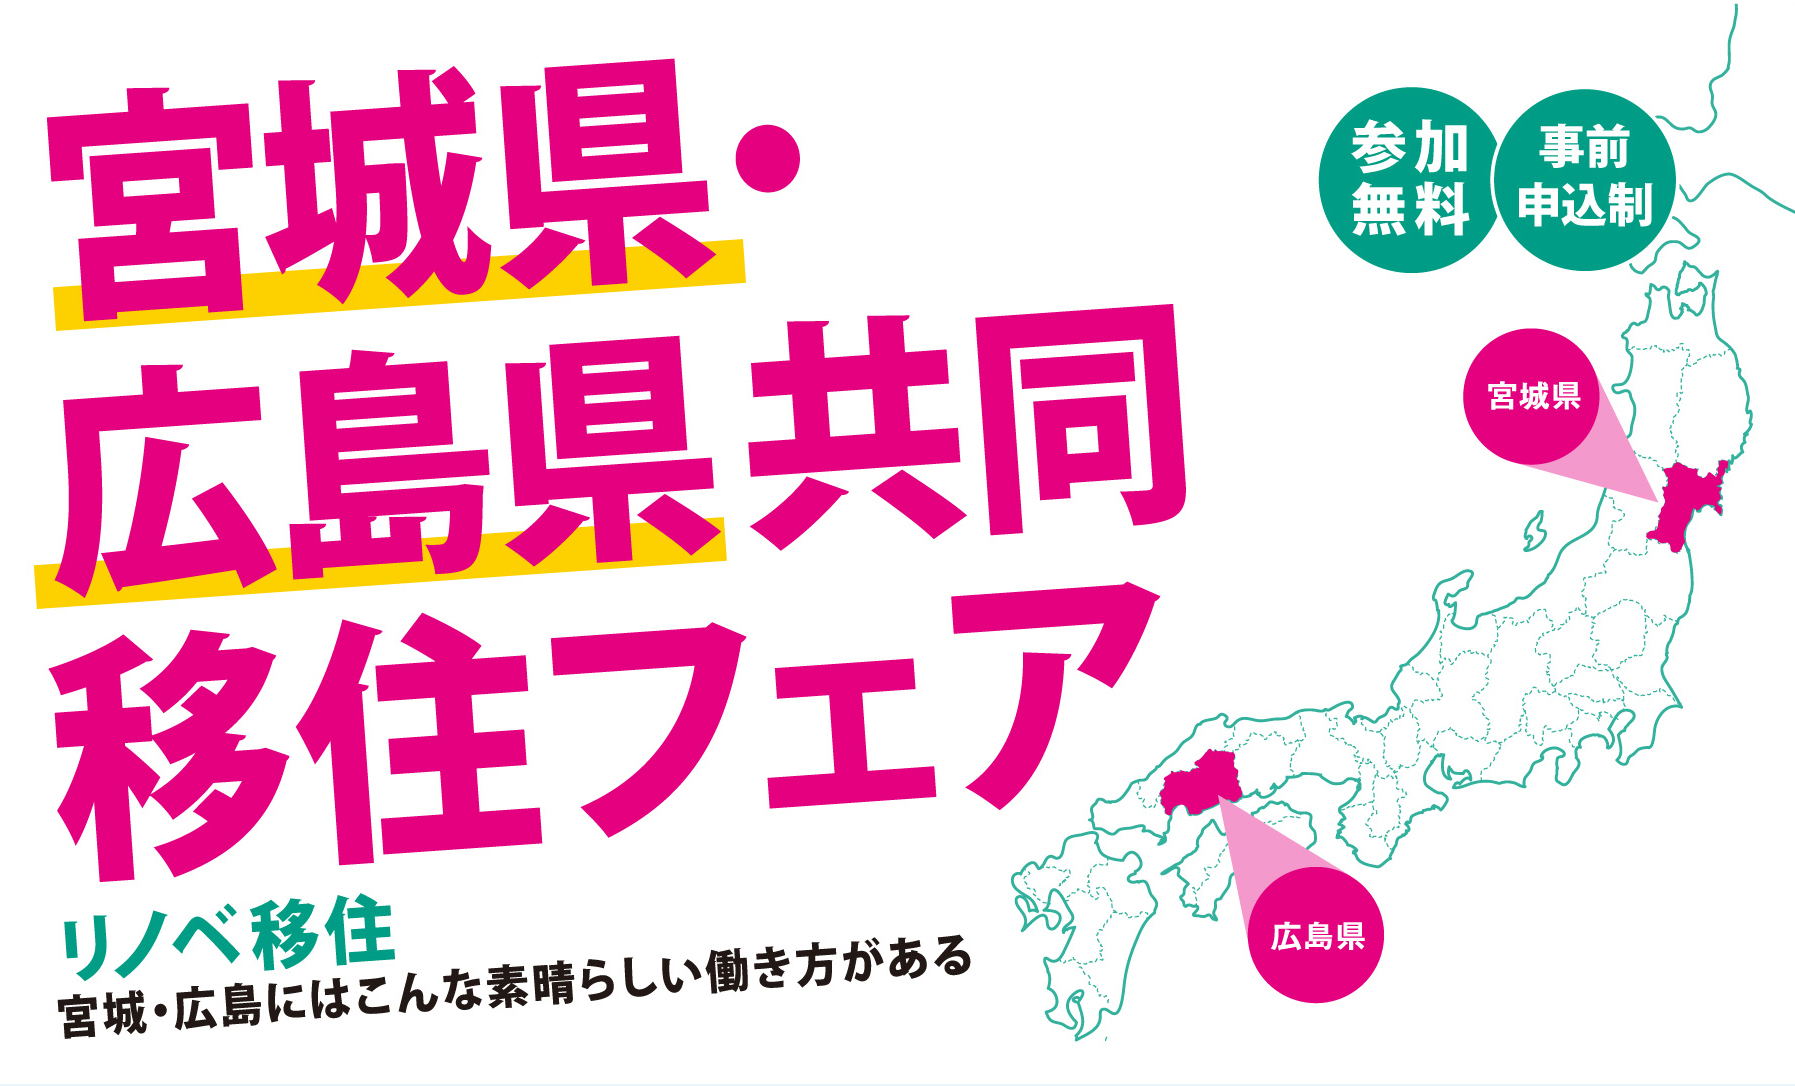 『がんばろう広島』宮城県・広島県共同移住フェア~リノベ移住 宮城・広島にはこんな素晴らしい働き方がある~を有楽町で開催!